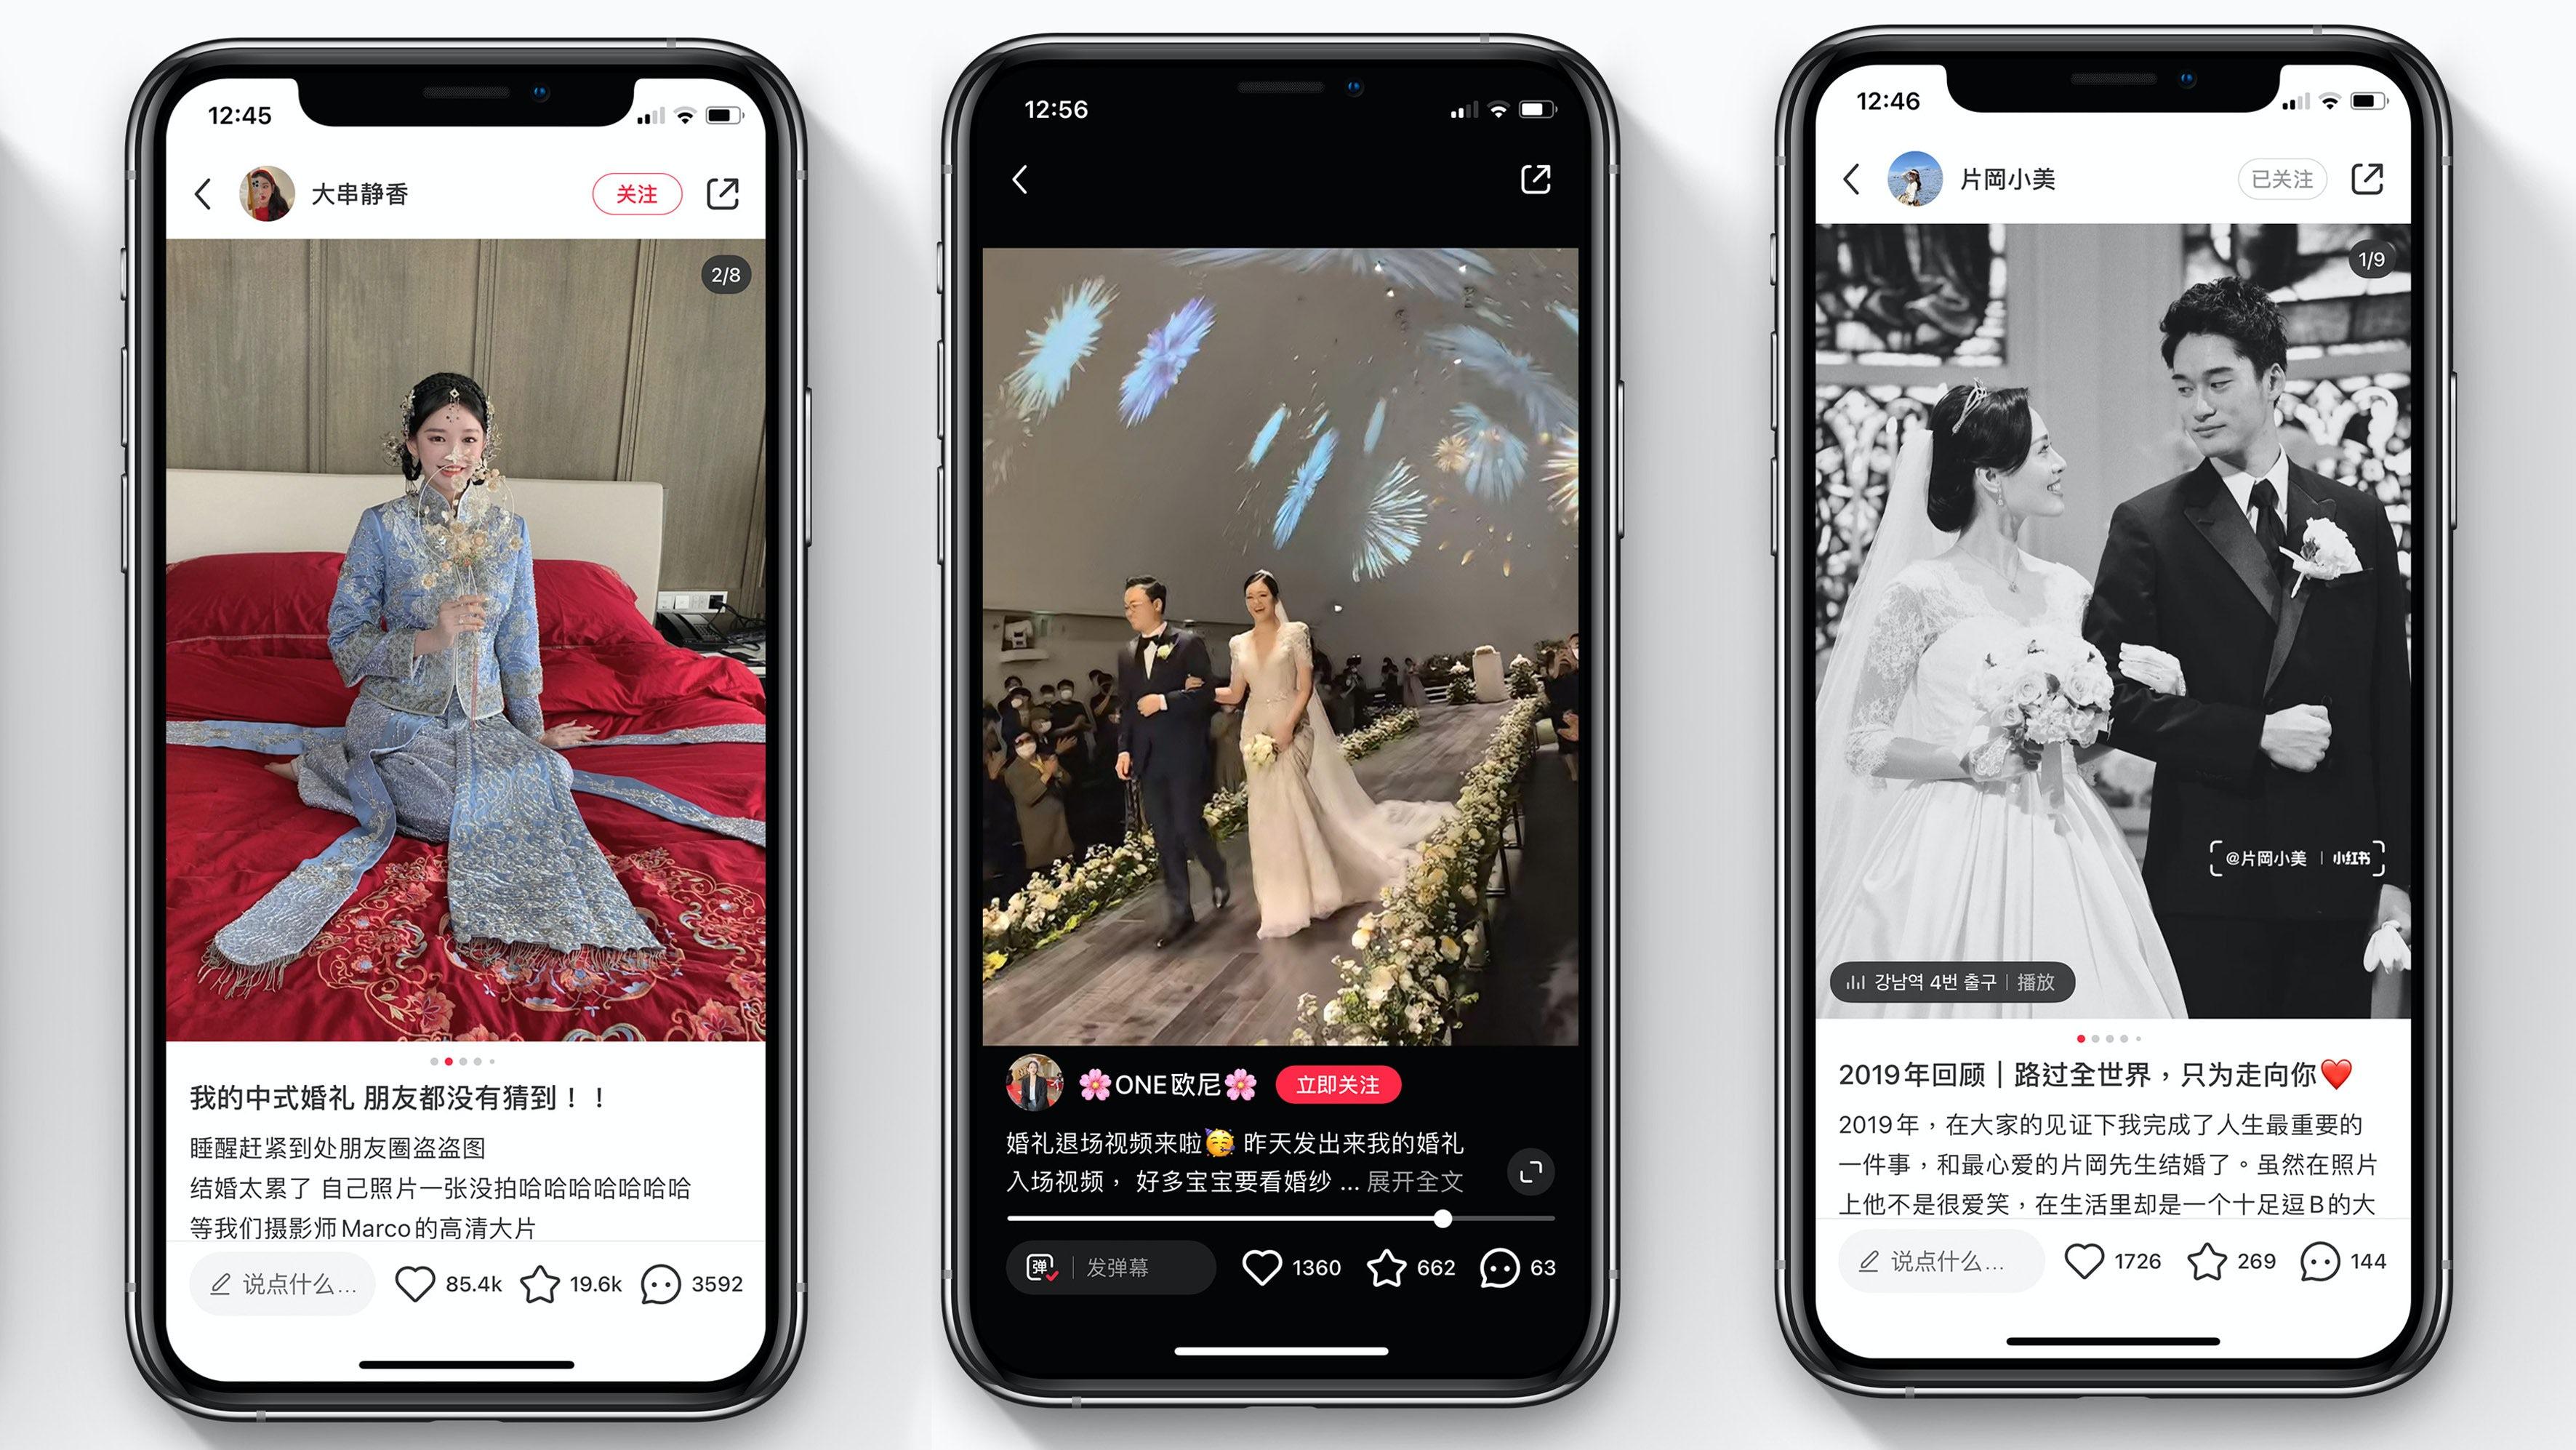 Popular wedding-related posts on Chinese social media app Xiaohongshu. Xiaohongshu.